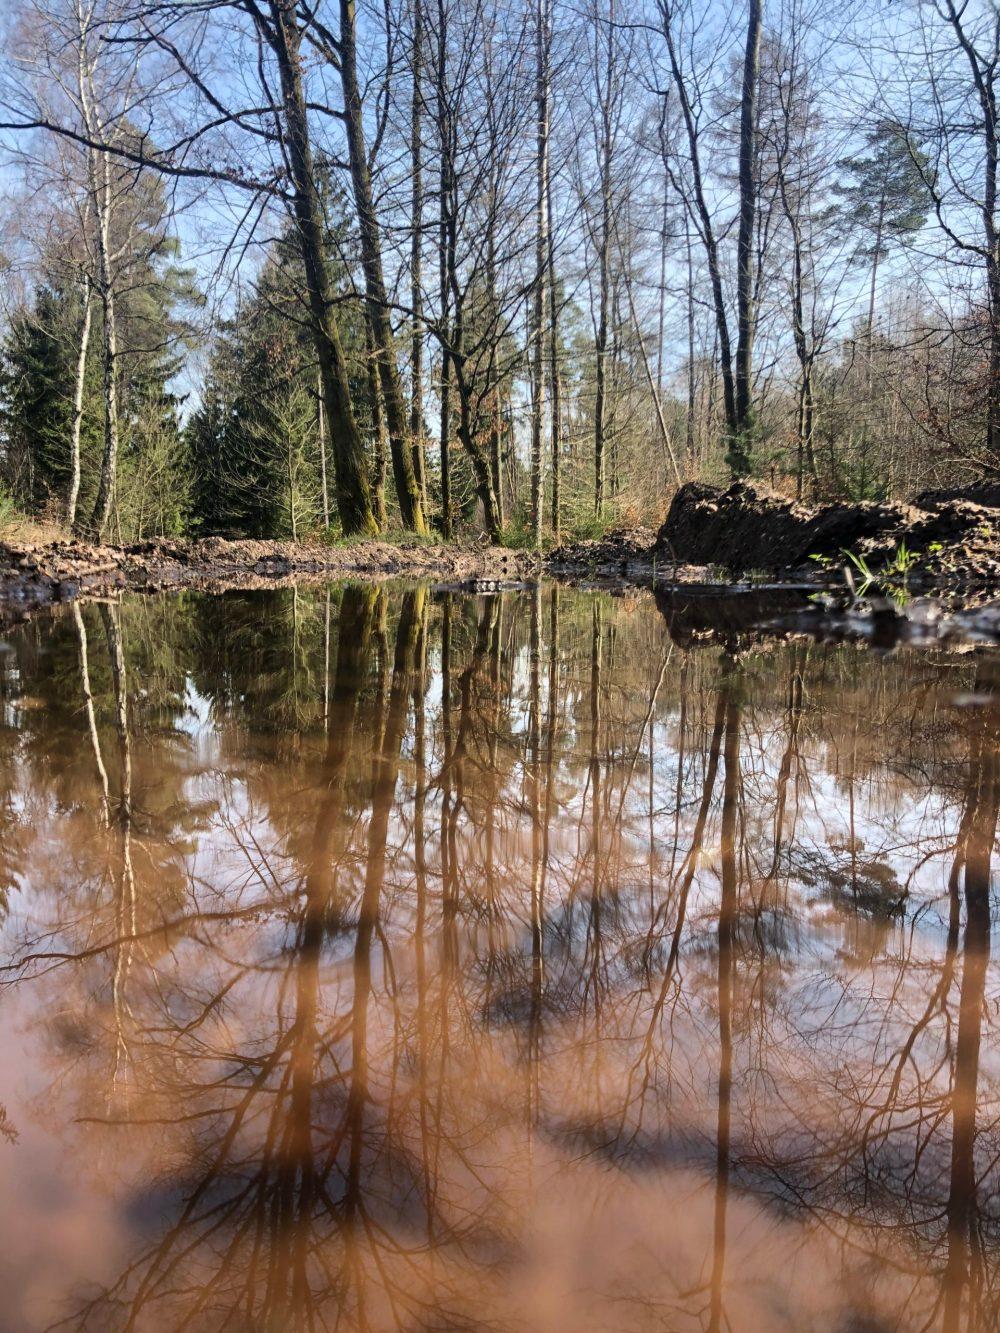 Reflexion der Bäume auf einer matschigen Wasseroberfläche